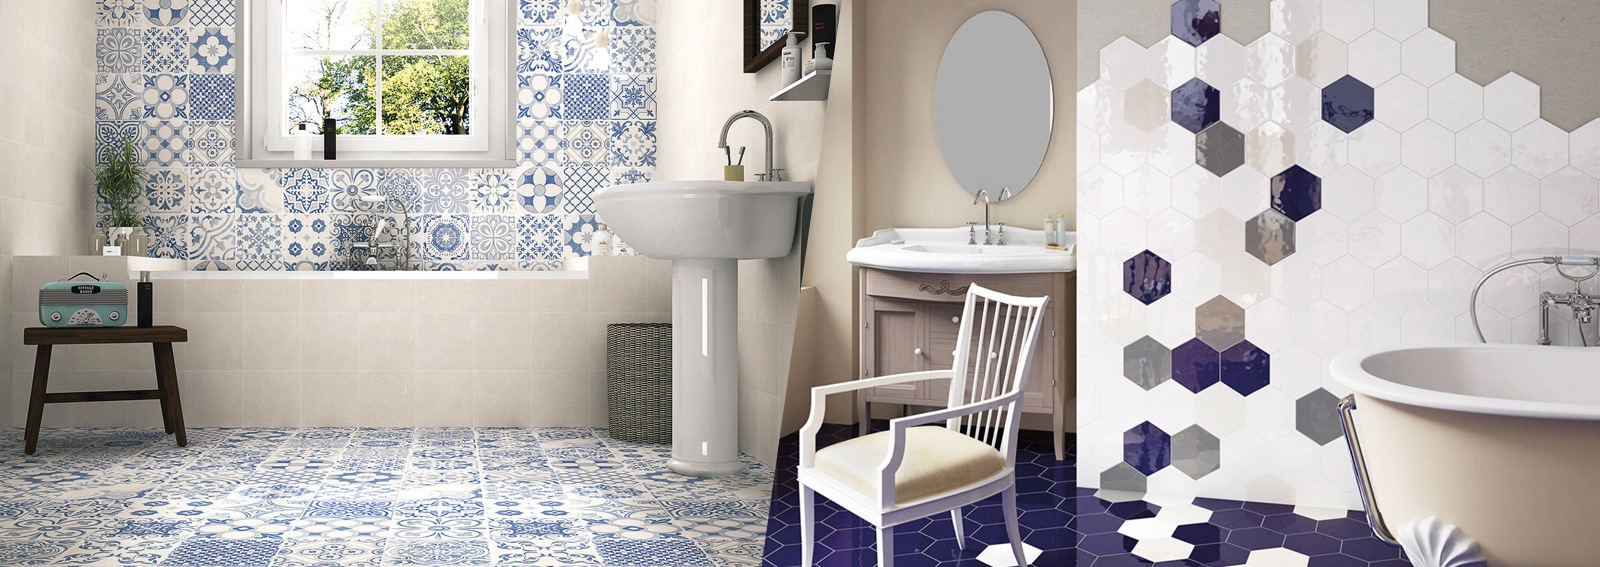 rivestimenti per il bagno: 10 idee decor da copiare - grazia.it - Rivestimenti Bagni Moderni Foto